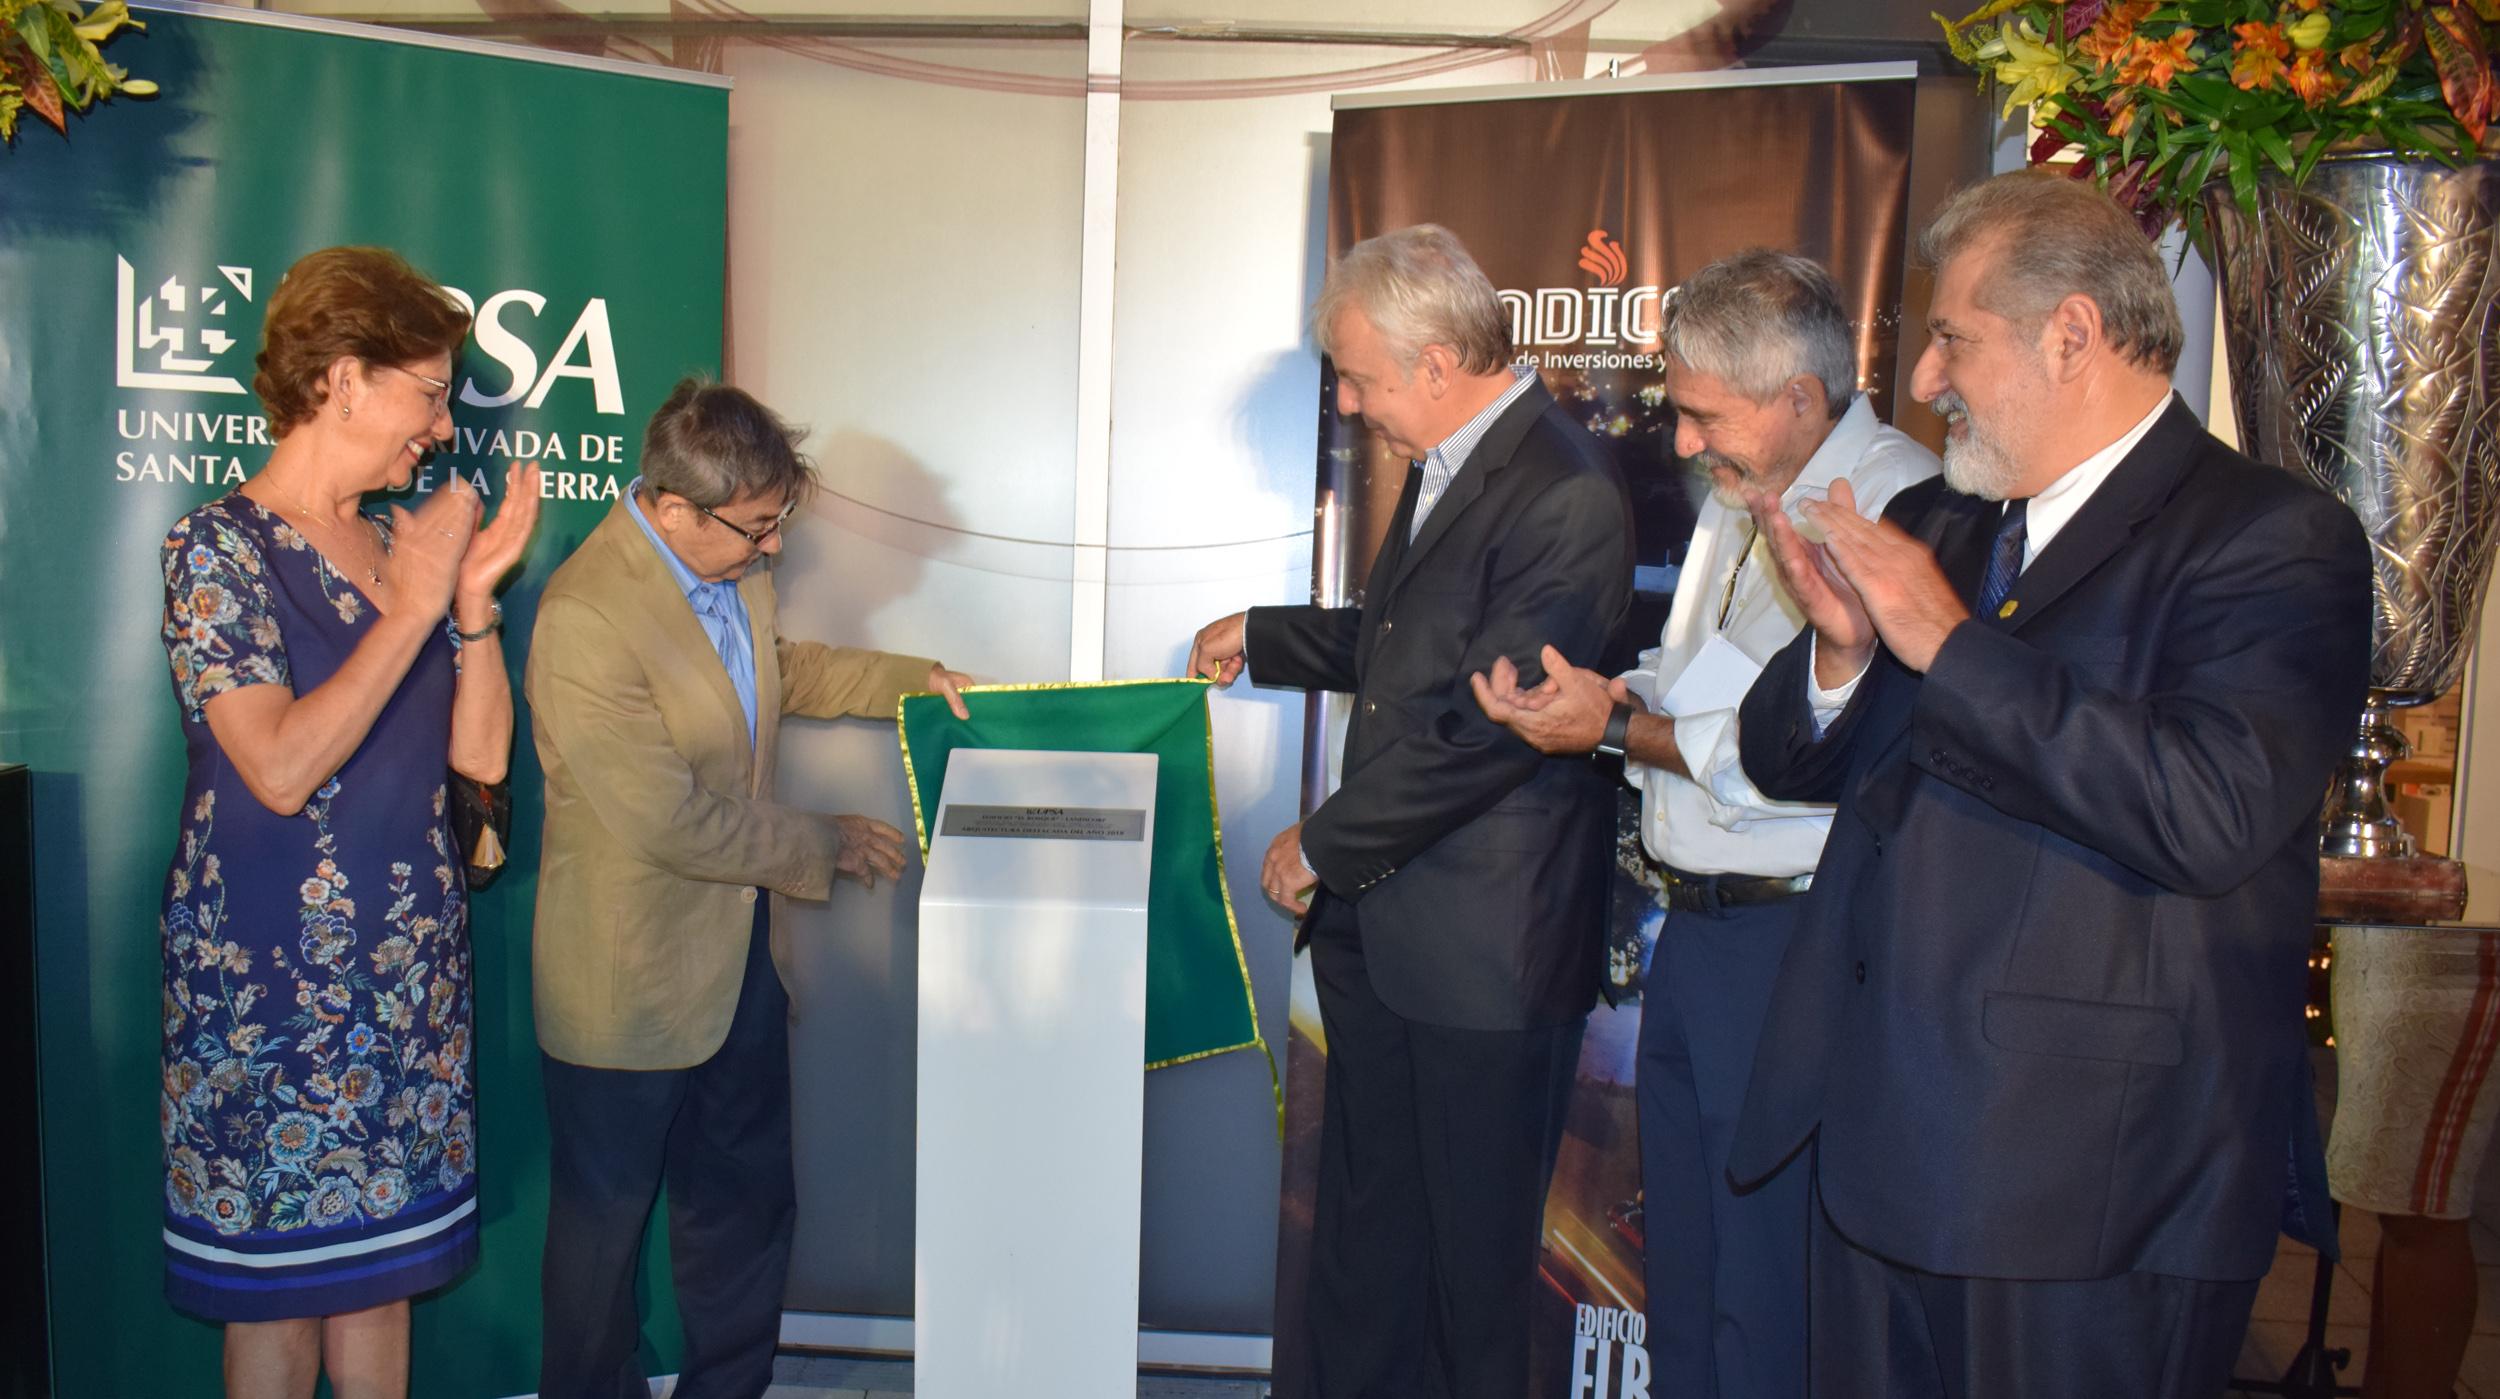 Premio de la UPSA cumple 25 años  de impulsar la Arquitectura cruceña